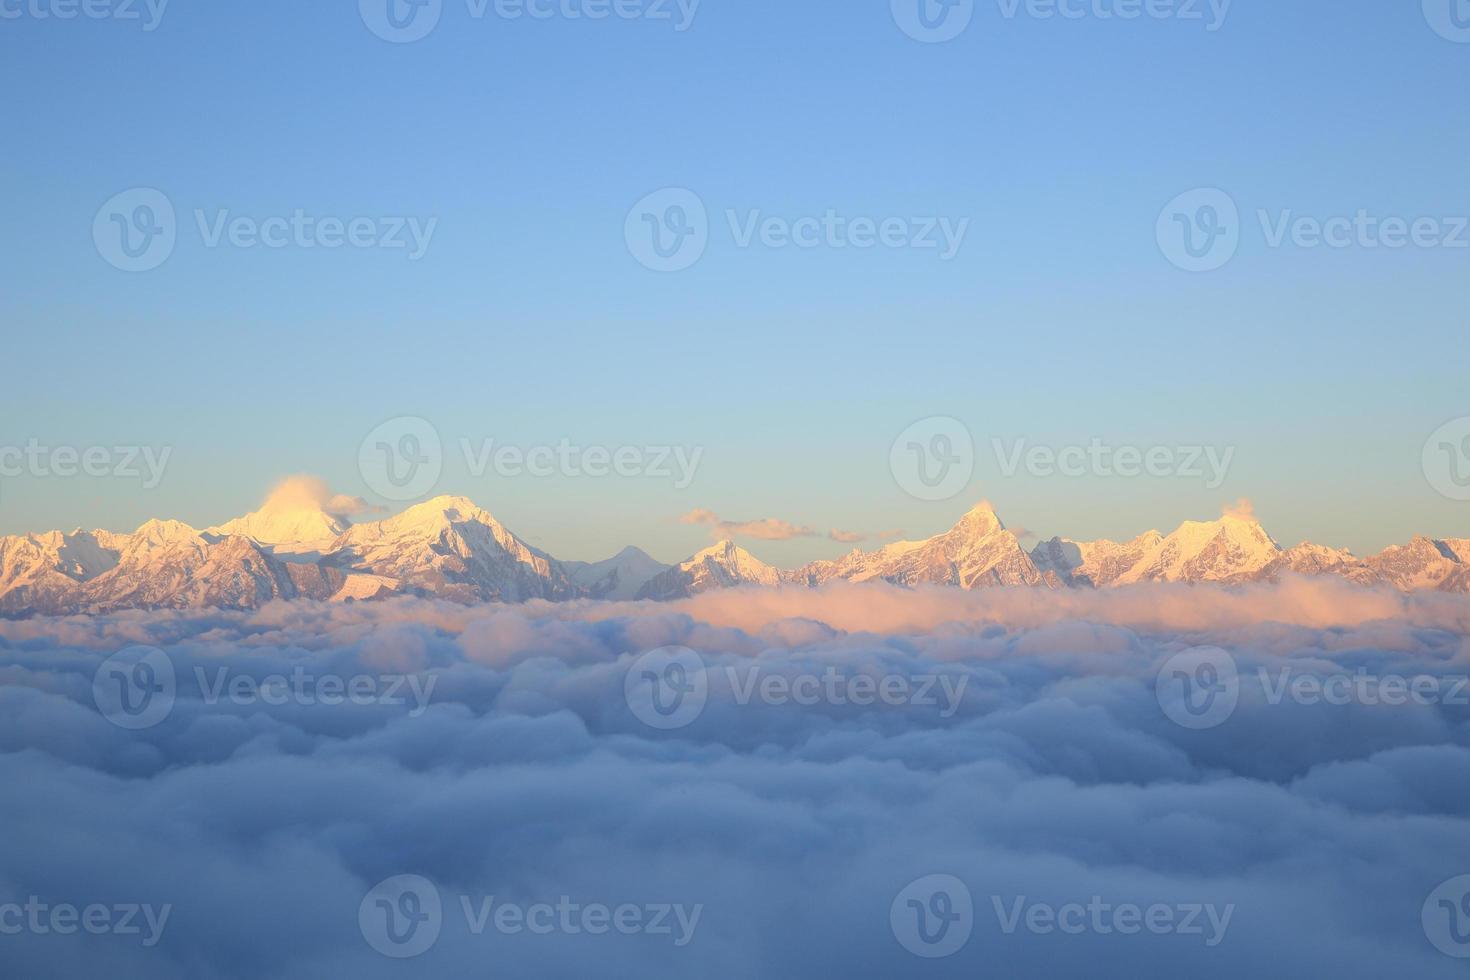 mooie rollende wolken en zonsopgang sneeuwberg foto